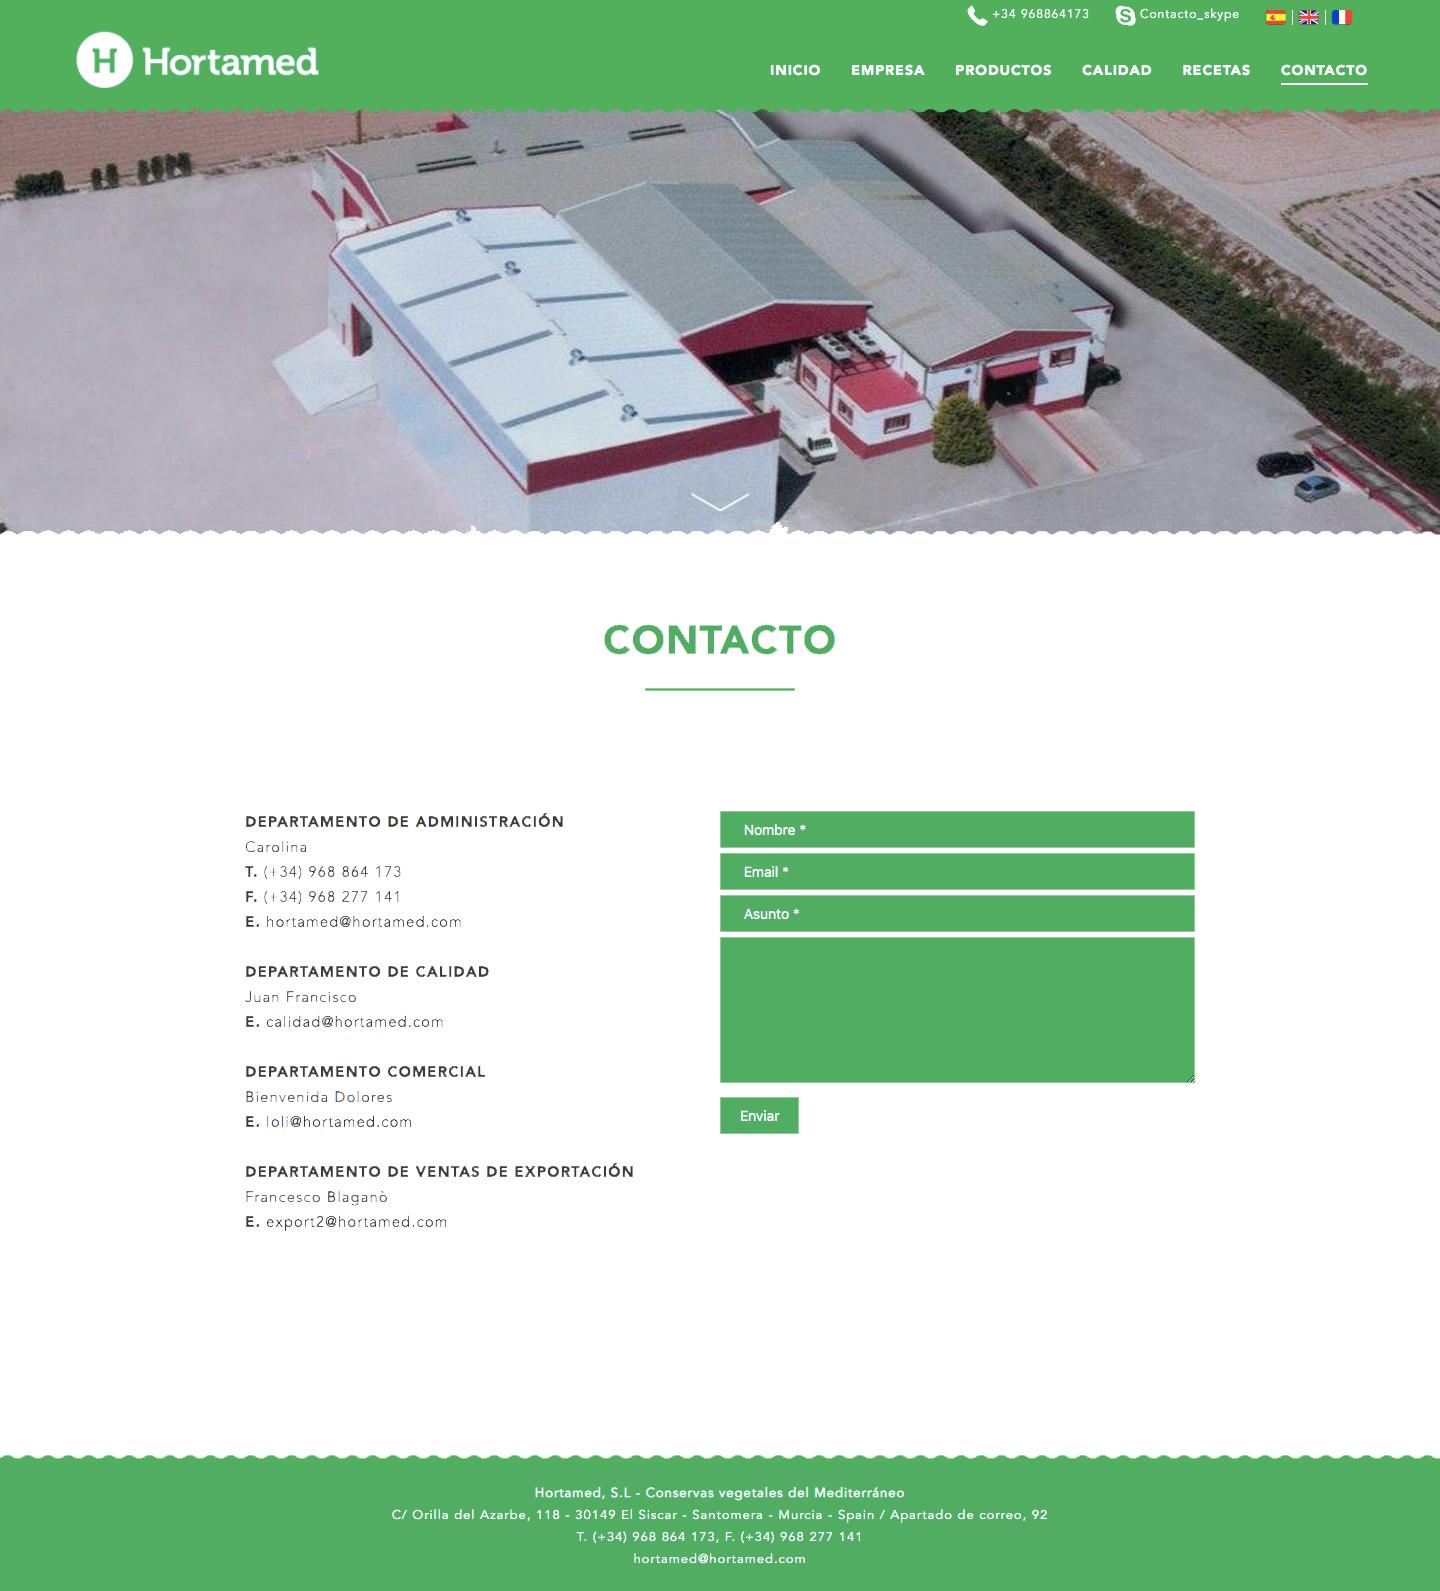 Estudio de diseño web freelance en Murcia, Madrid y Panamá City | Nómadas Comunicación Creativa